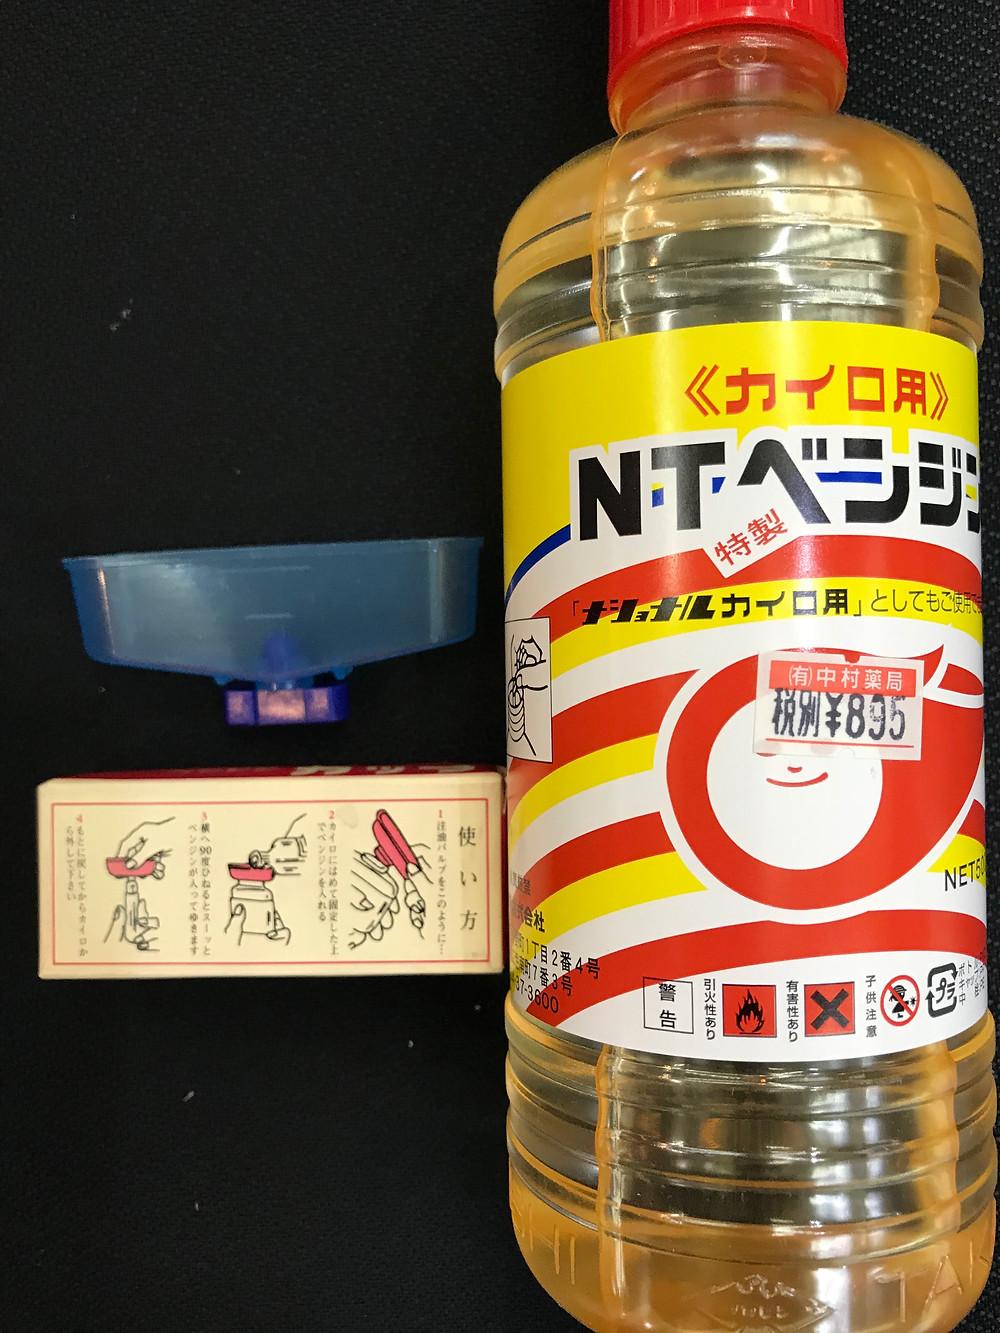 ハクキンカイロ用ベンジン 札幌 中村薬局